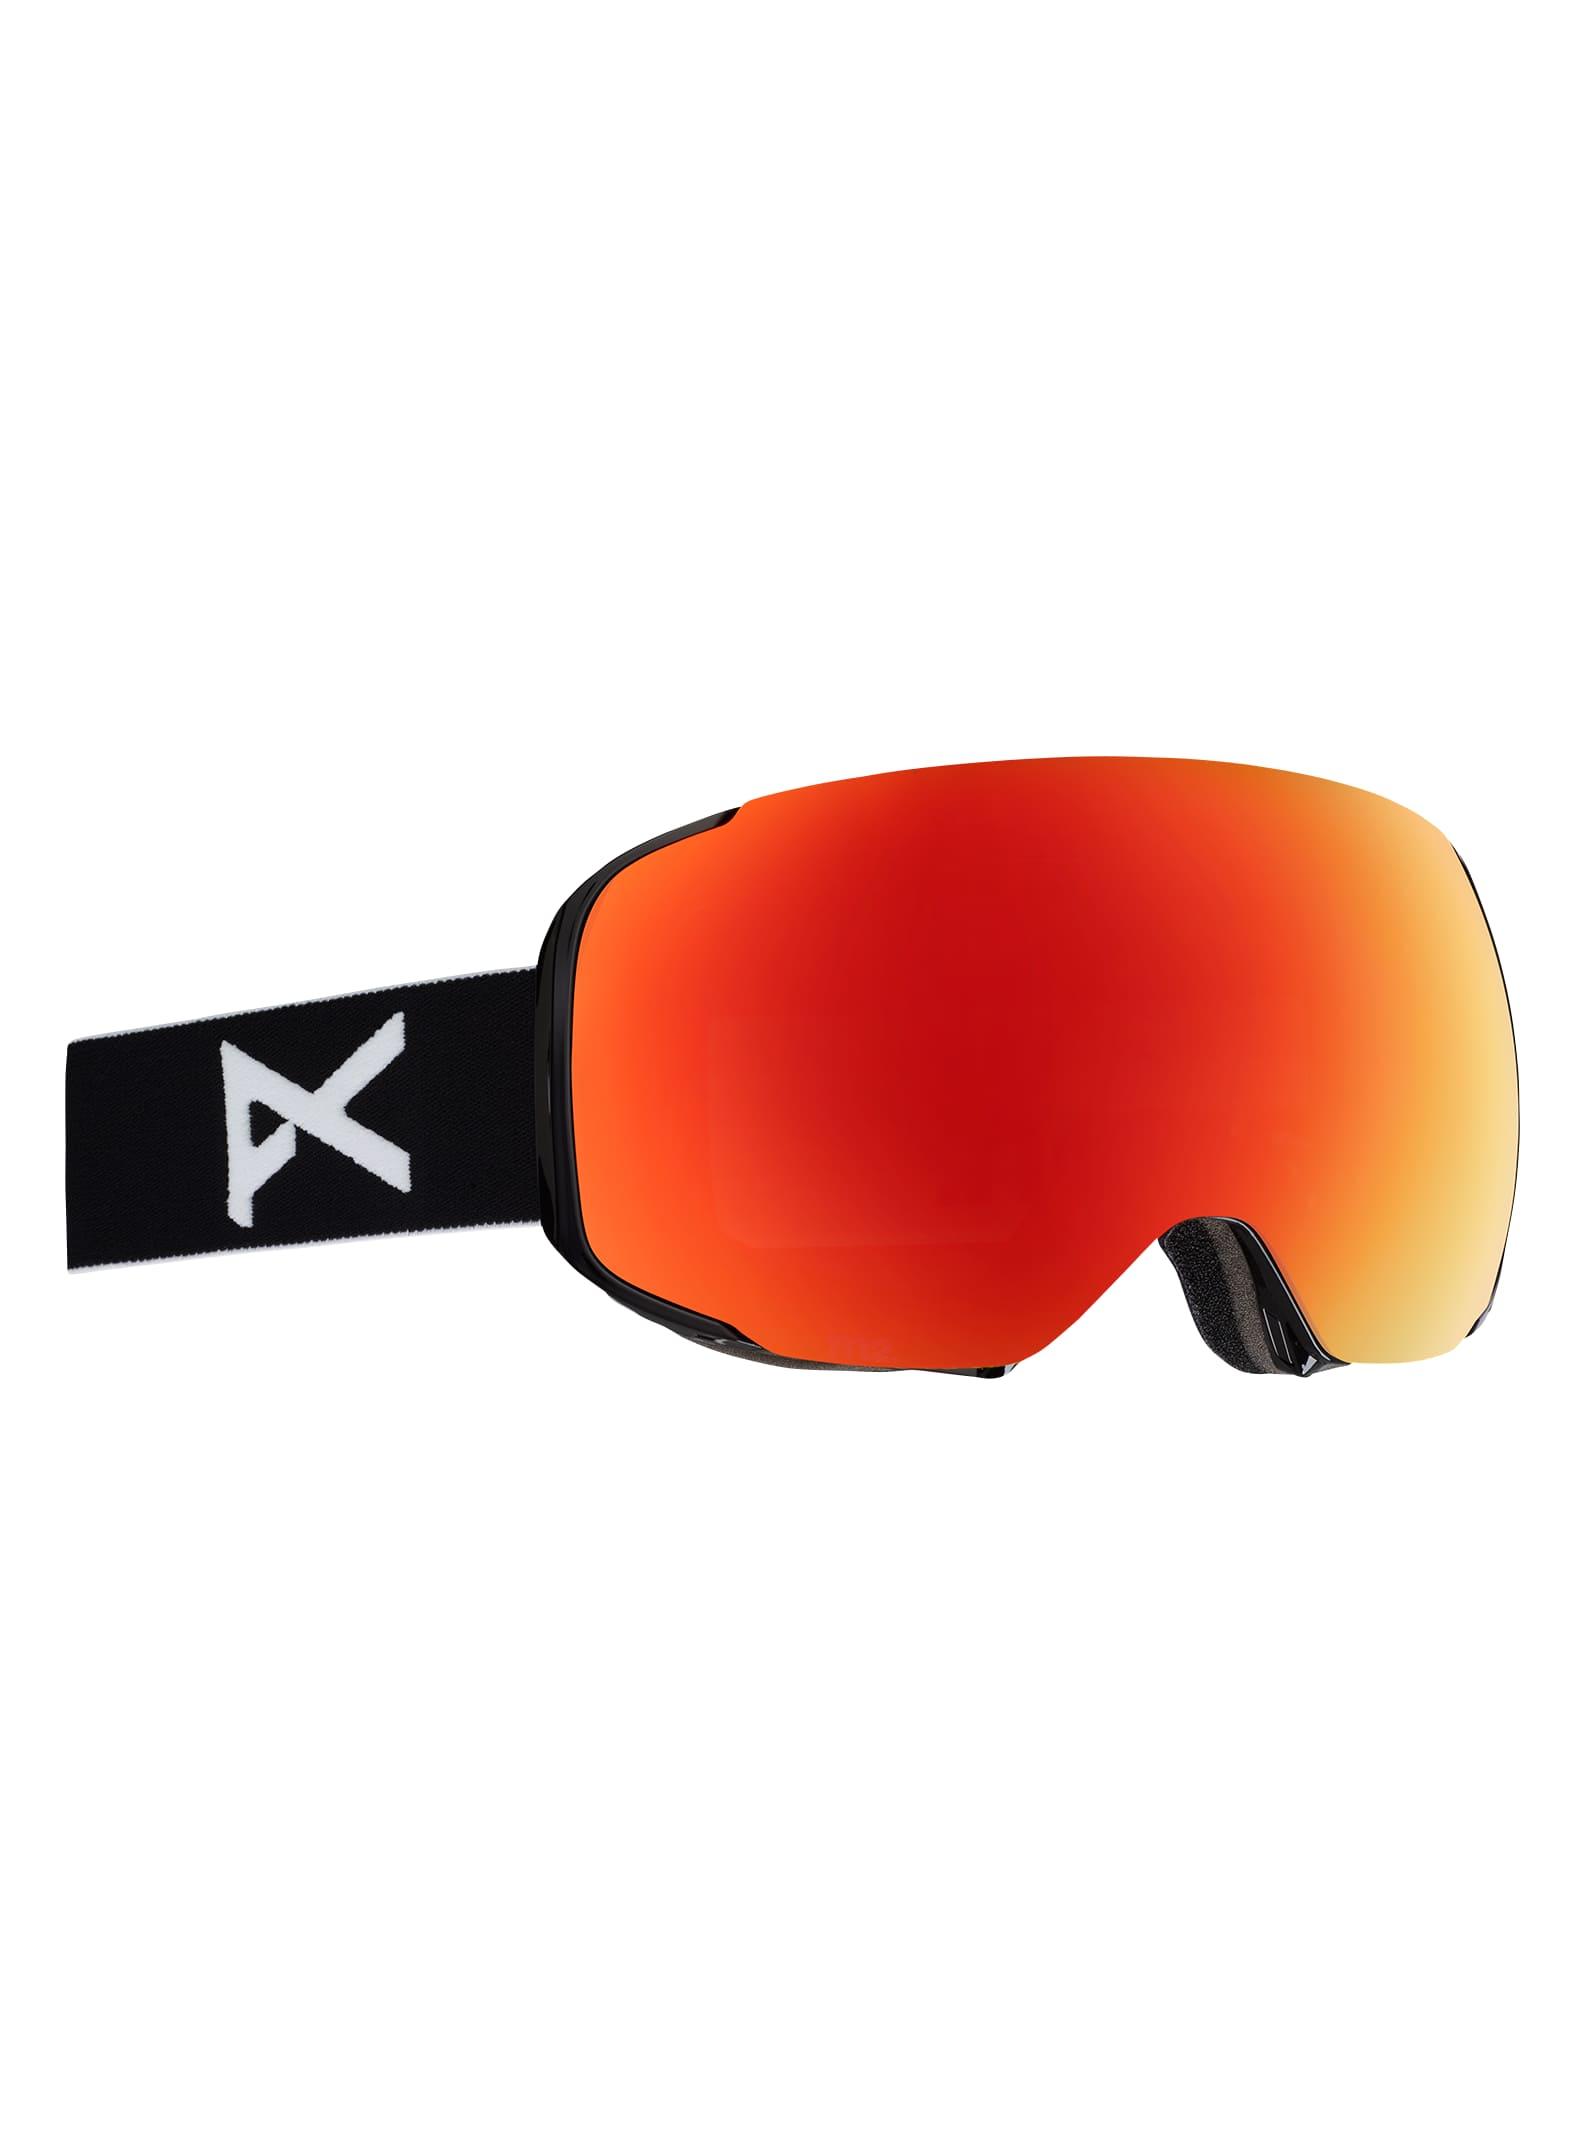 Найти очки гуглес в энгельс защита от падения спарк комбо дешево